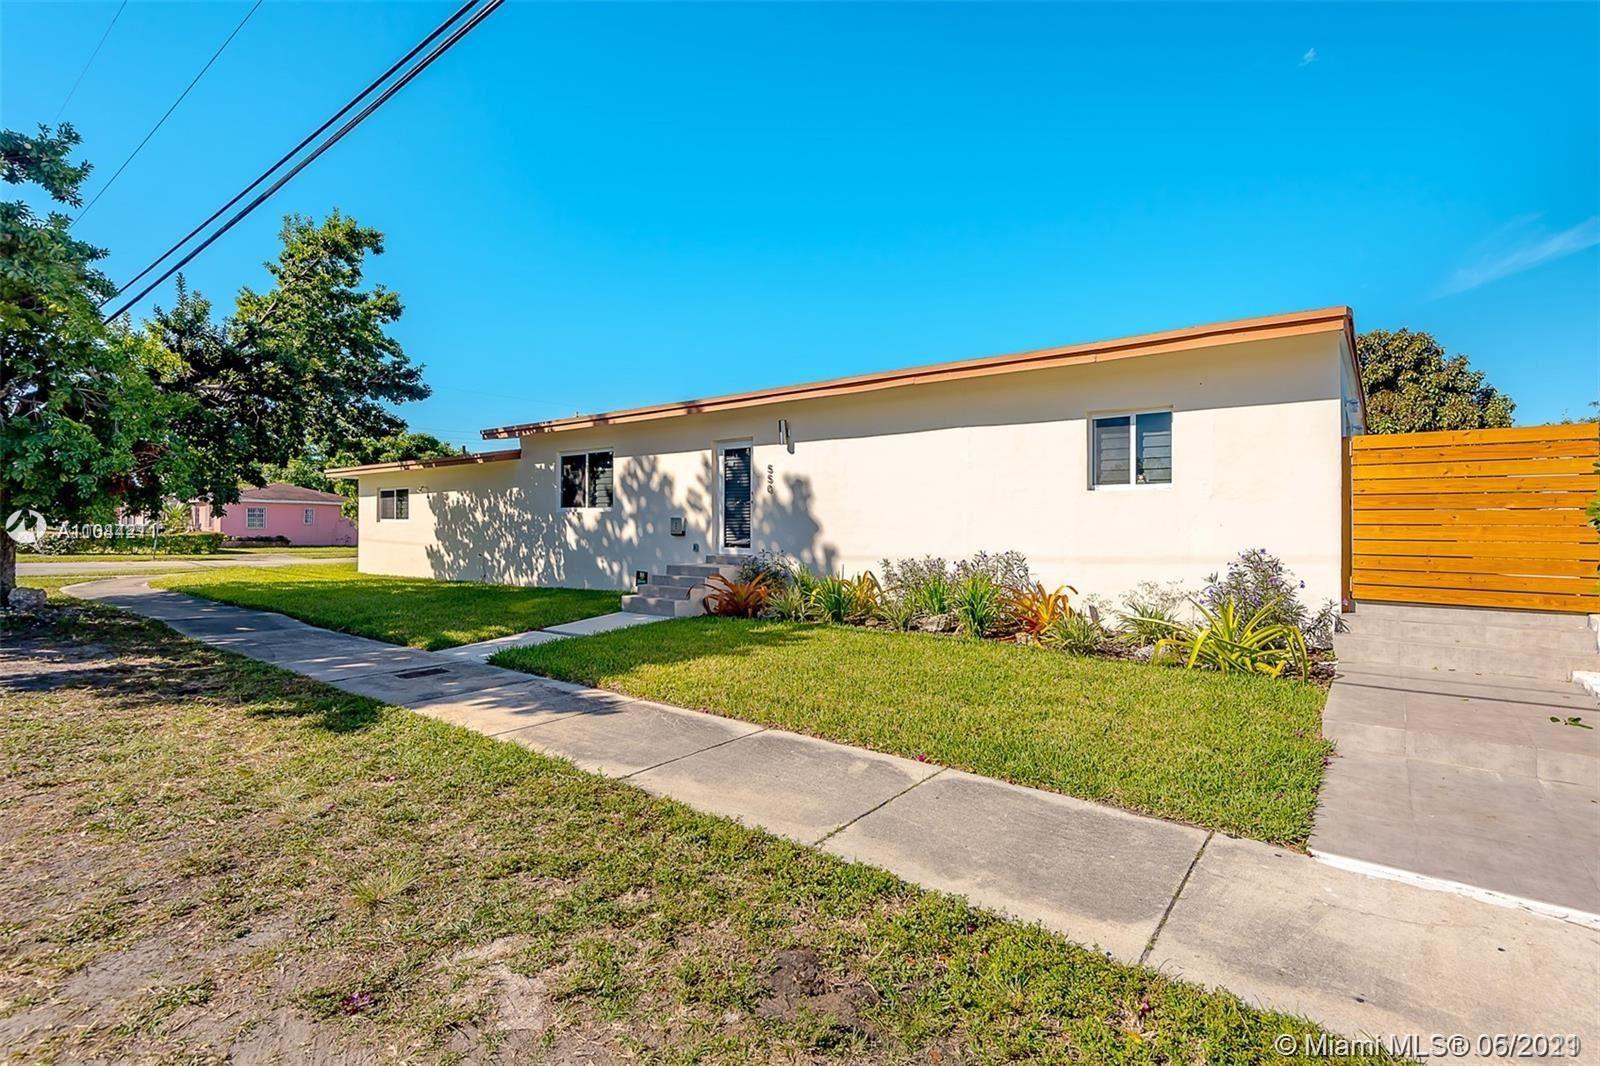 550 SW 65th Ave, Miami, FL 33144 - #: A11044211